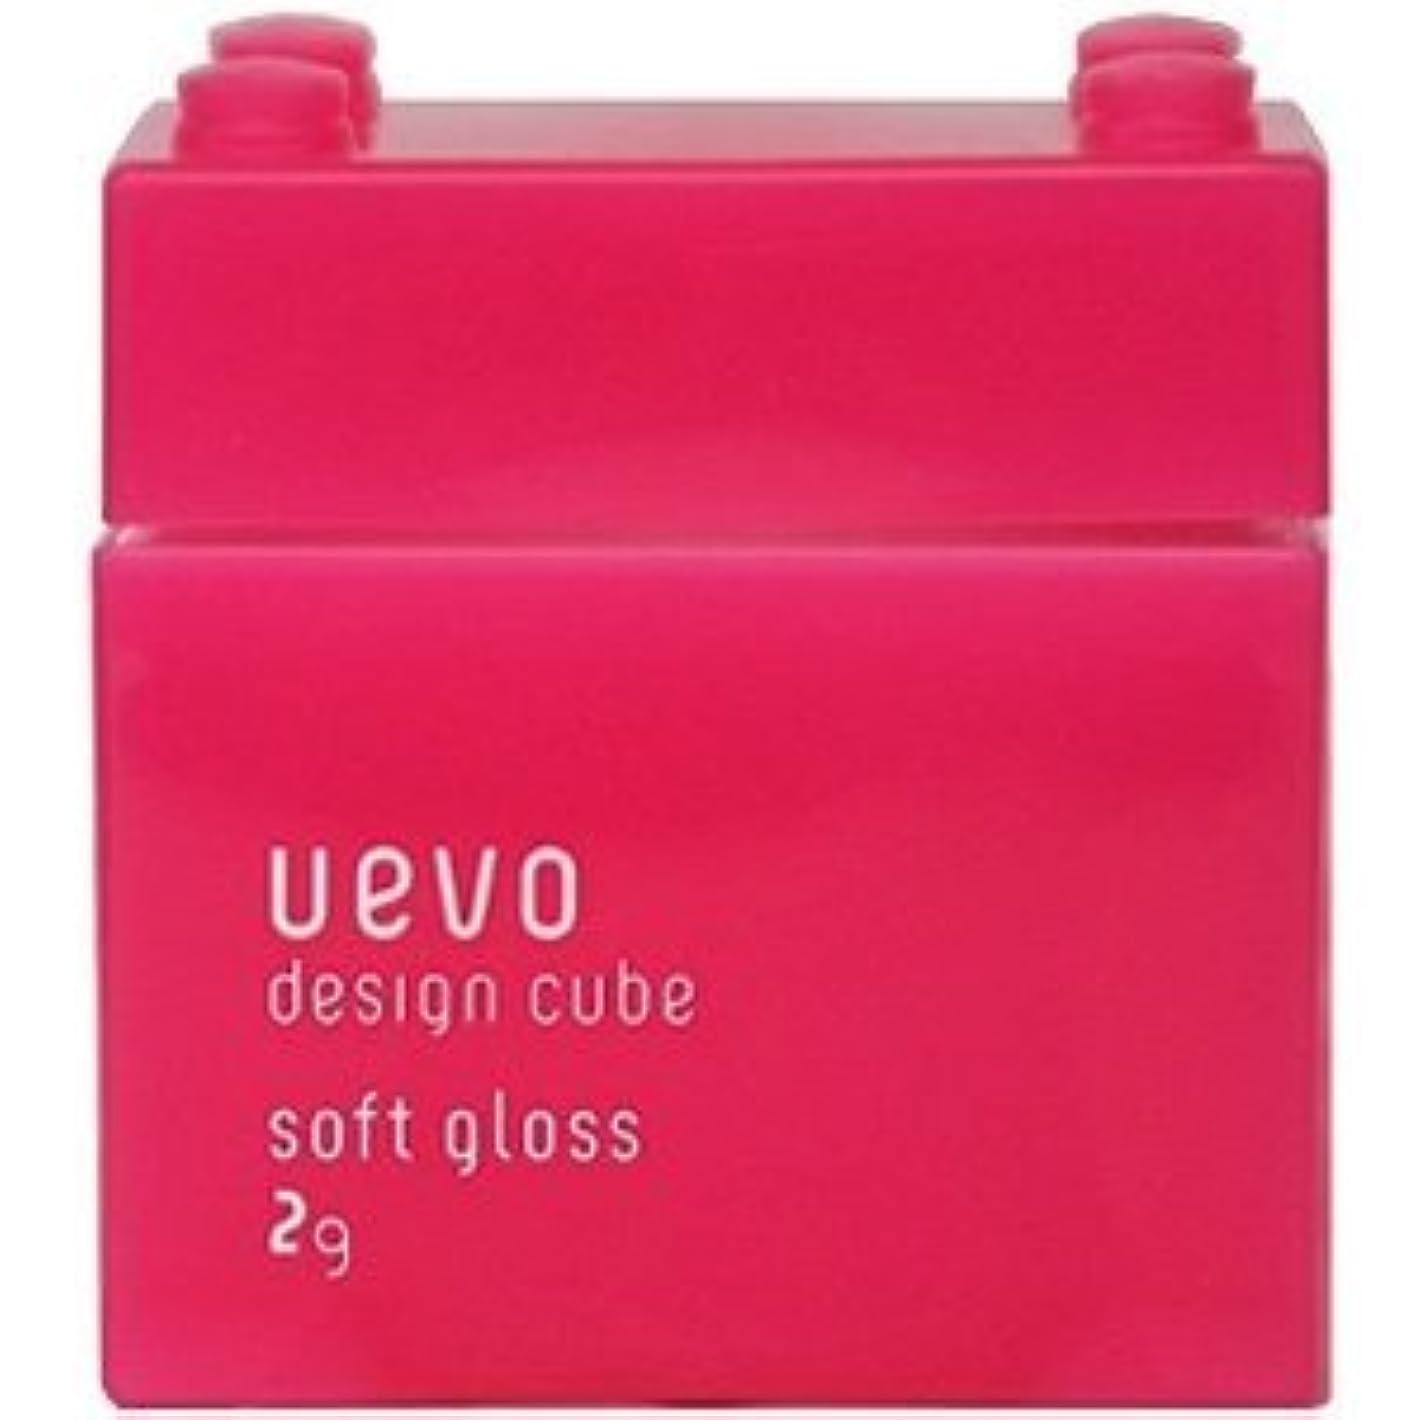 欠陥反発する趣味【X2個セット】 デミ ウェーボ デザインキューブ ソフトグロス 80g soft gloss DEMI uevo design cube